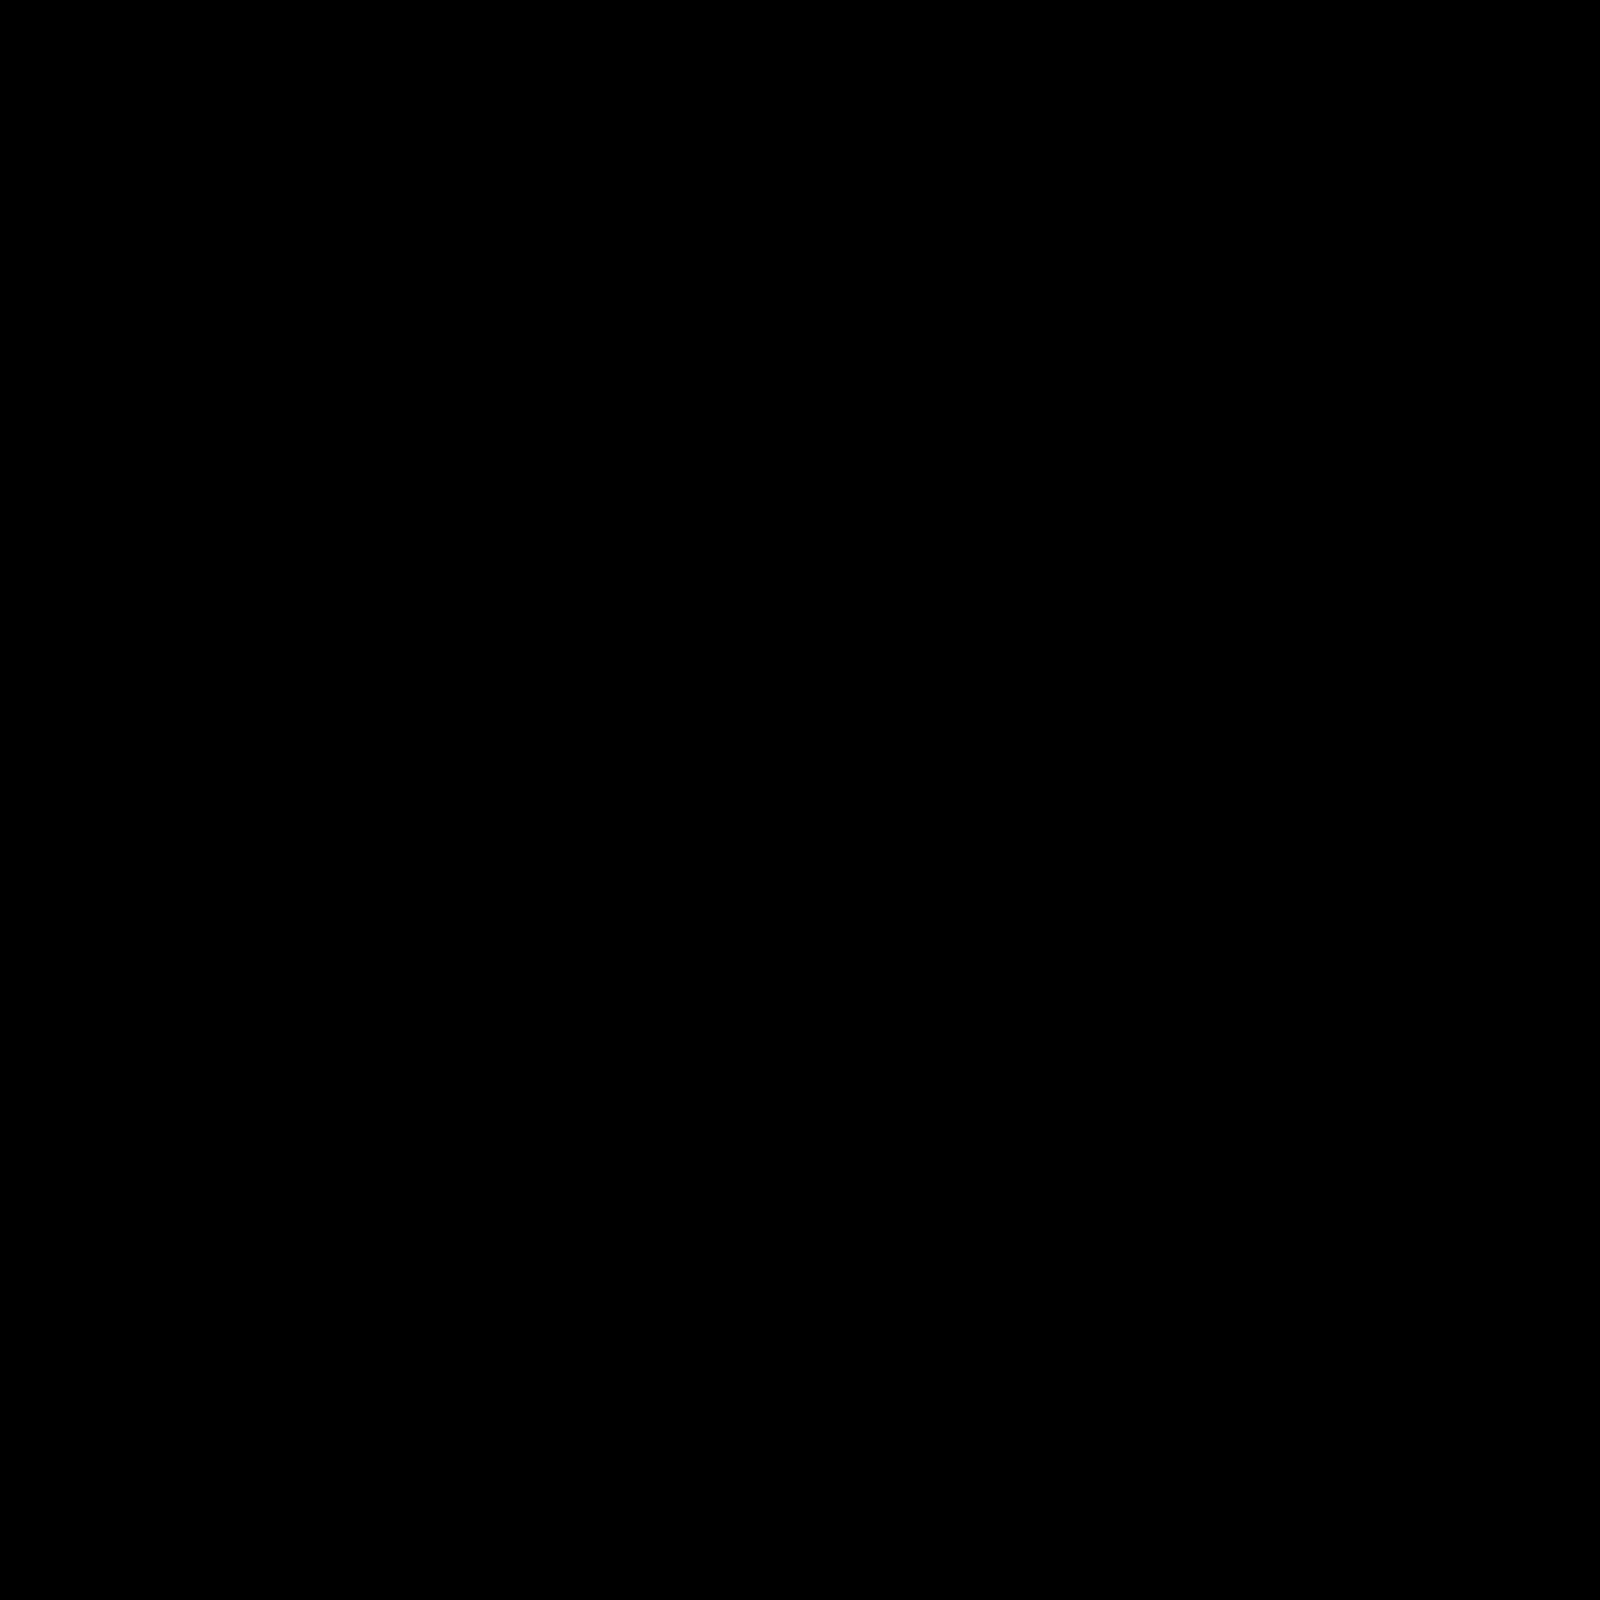 Курение icon